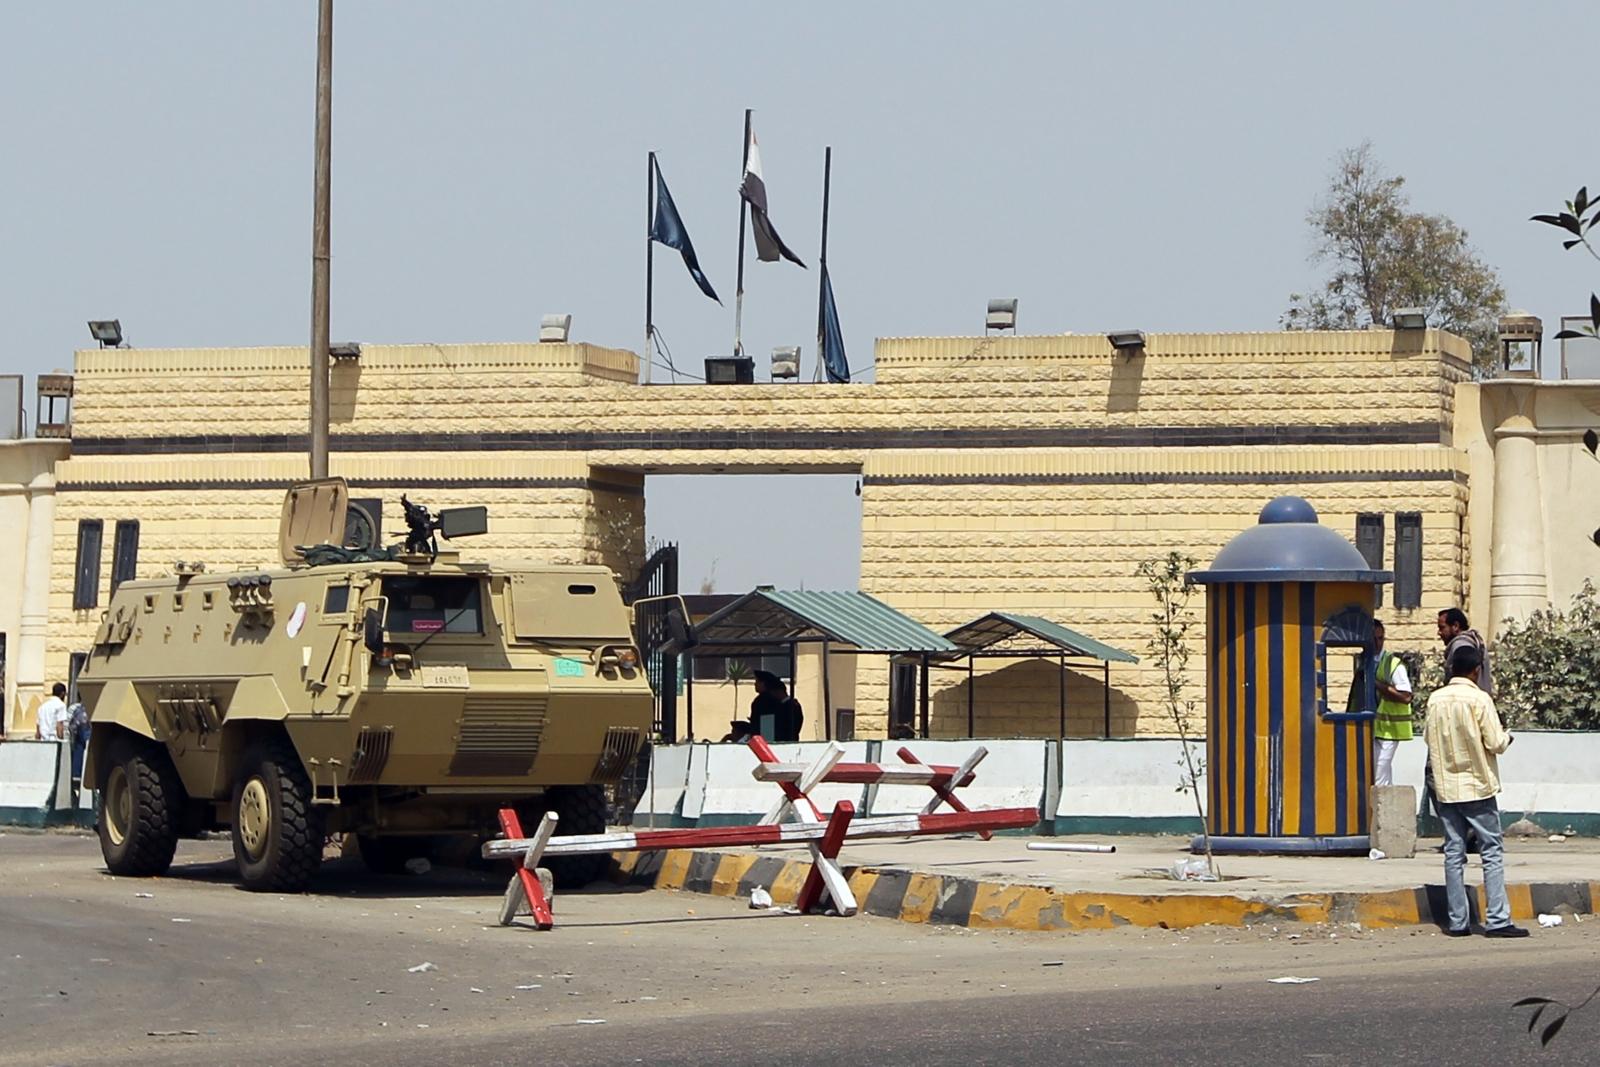 Cairo prison